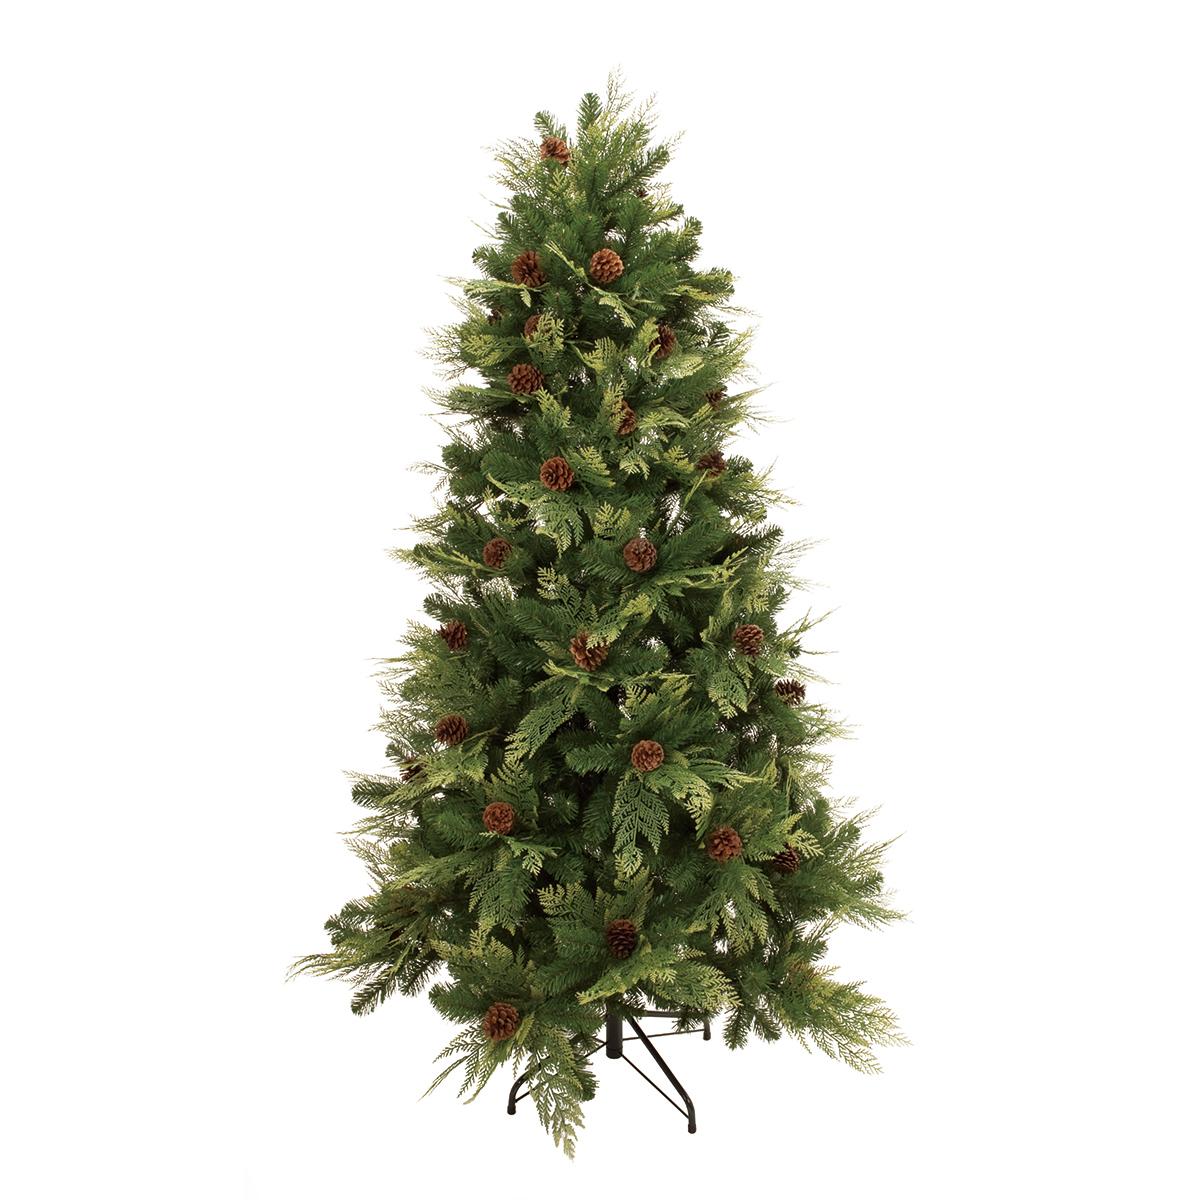 東京堂/レボストコーンツリー /XV003841【01】【取寄】《 店舗ディスプレイ クリスマス飾り クリスマスツリー 》